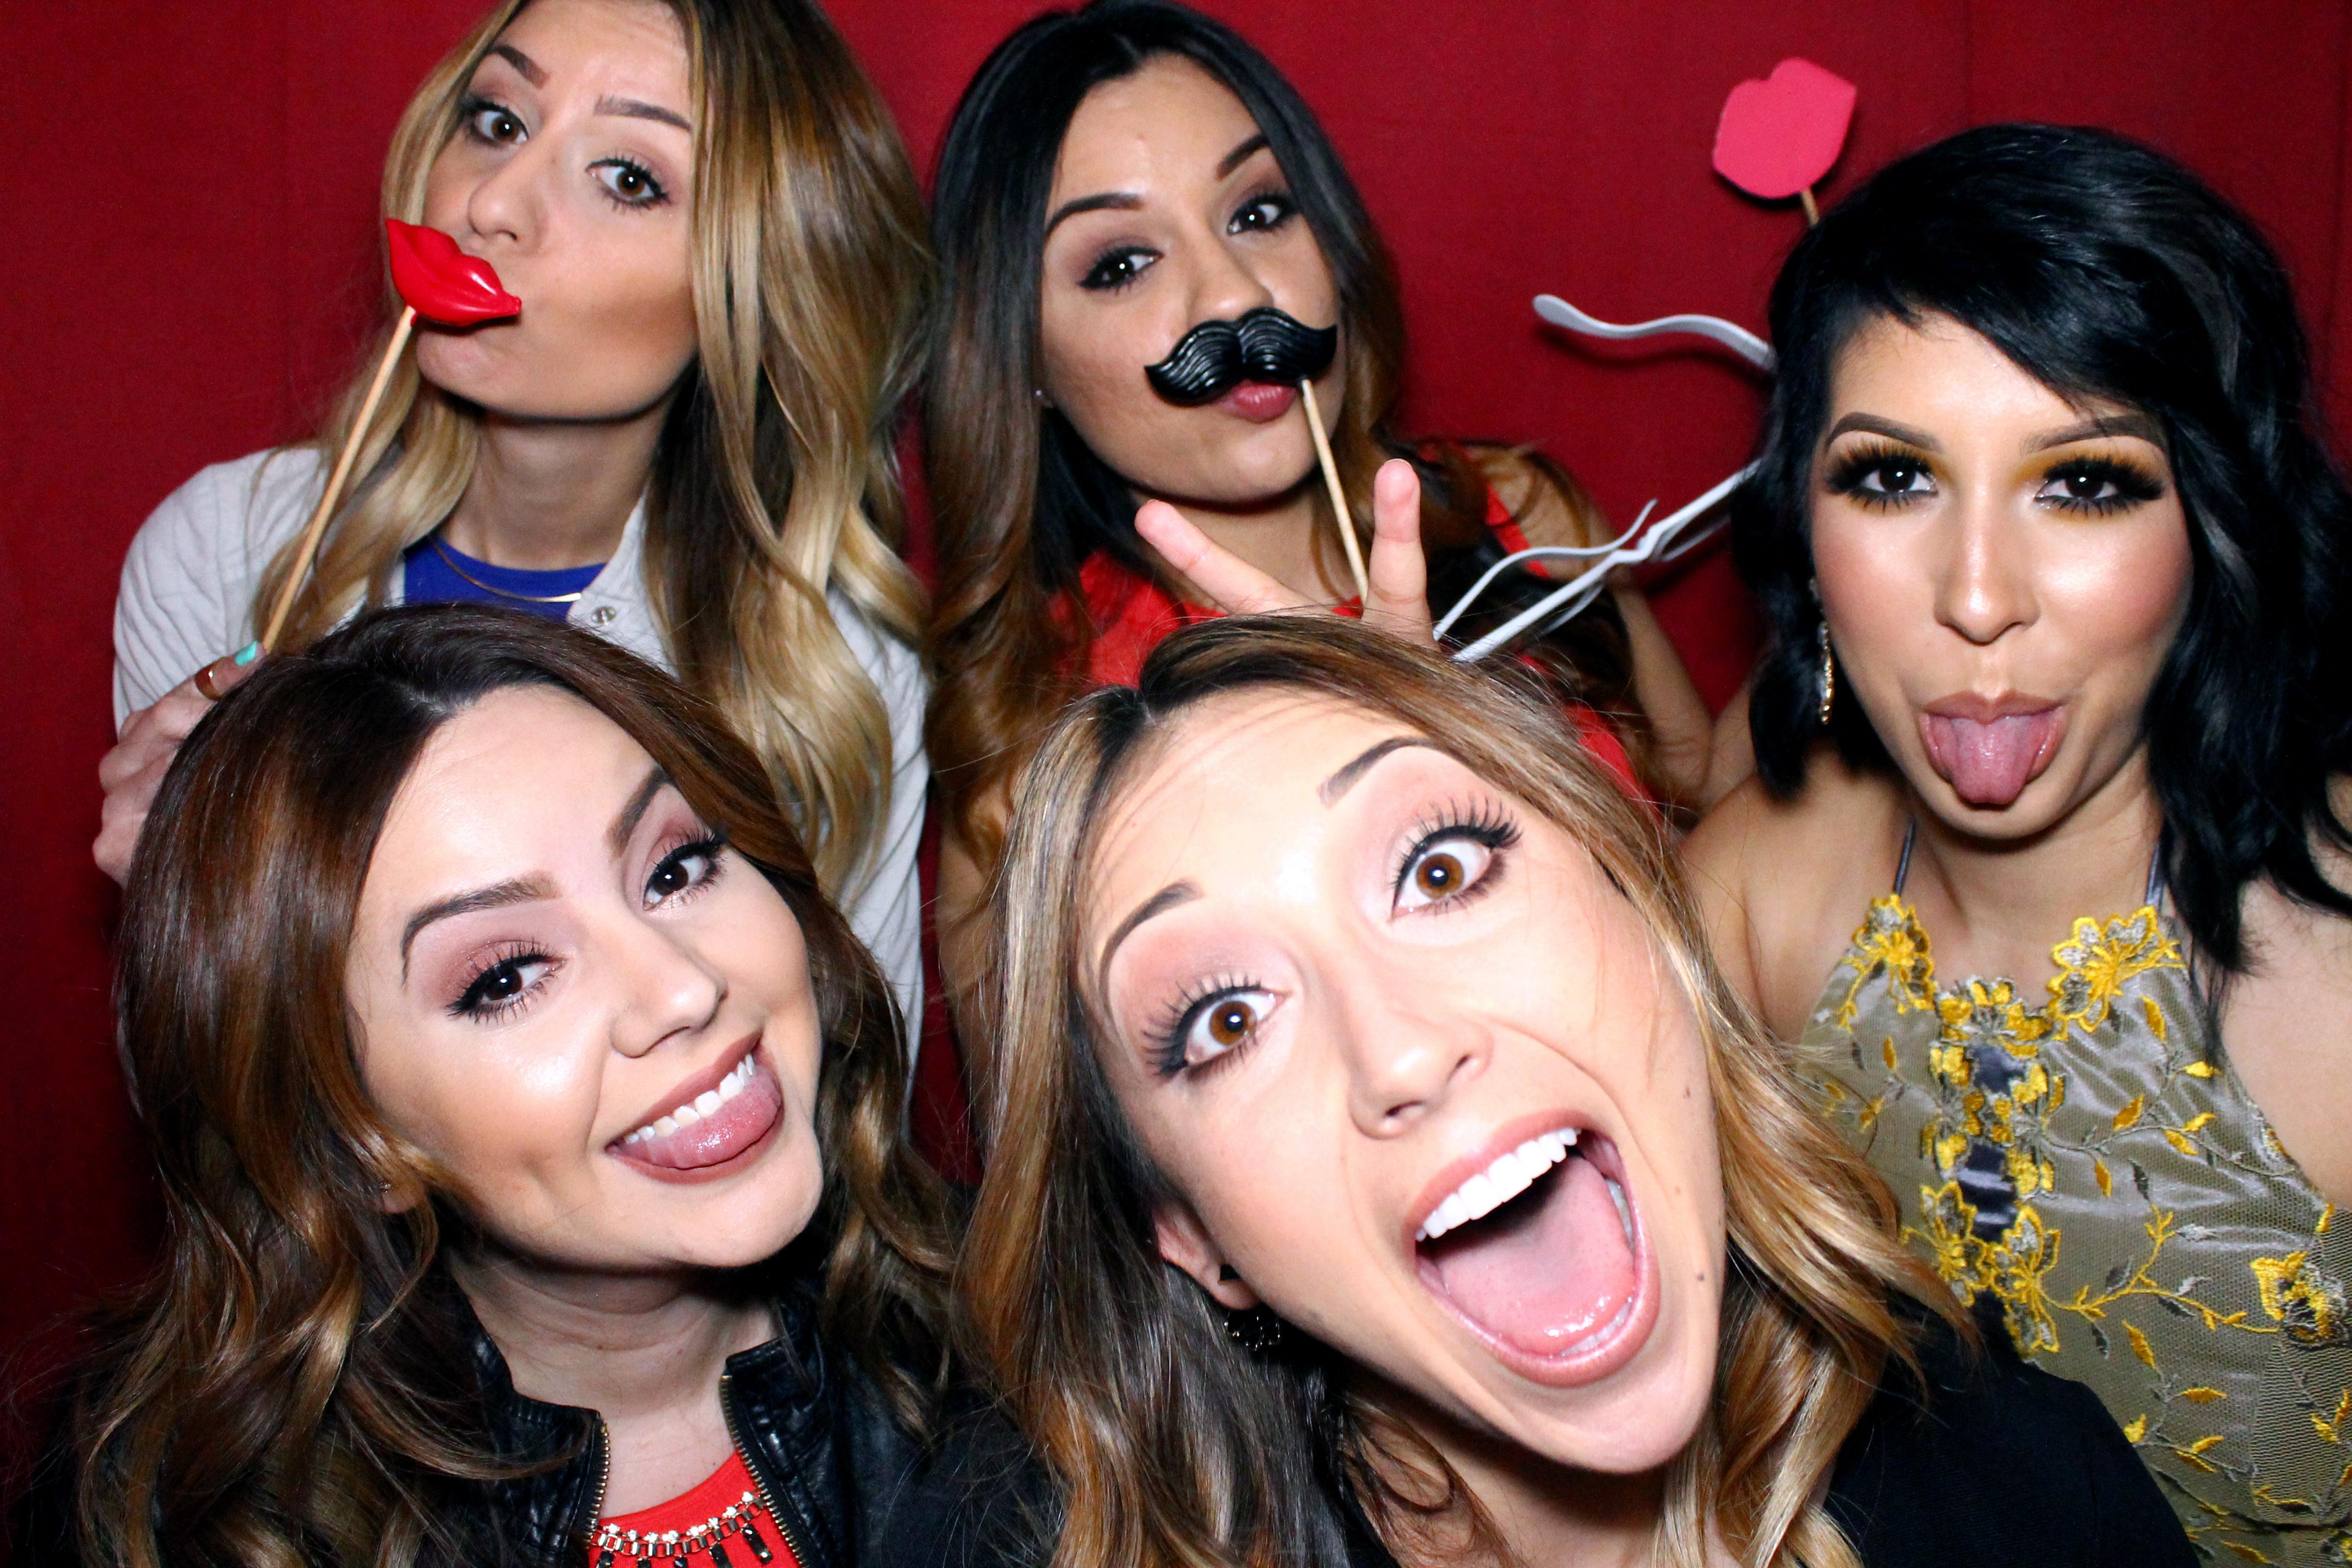 Fun in the photo booth